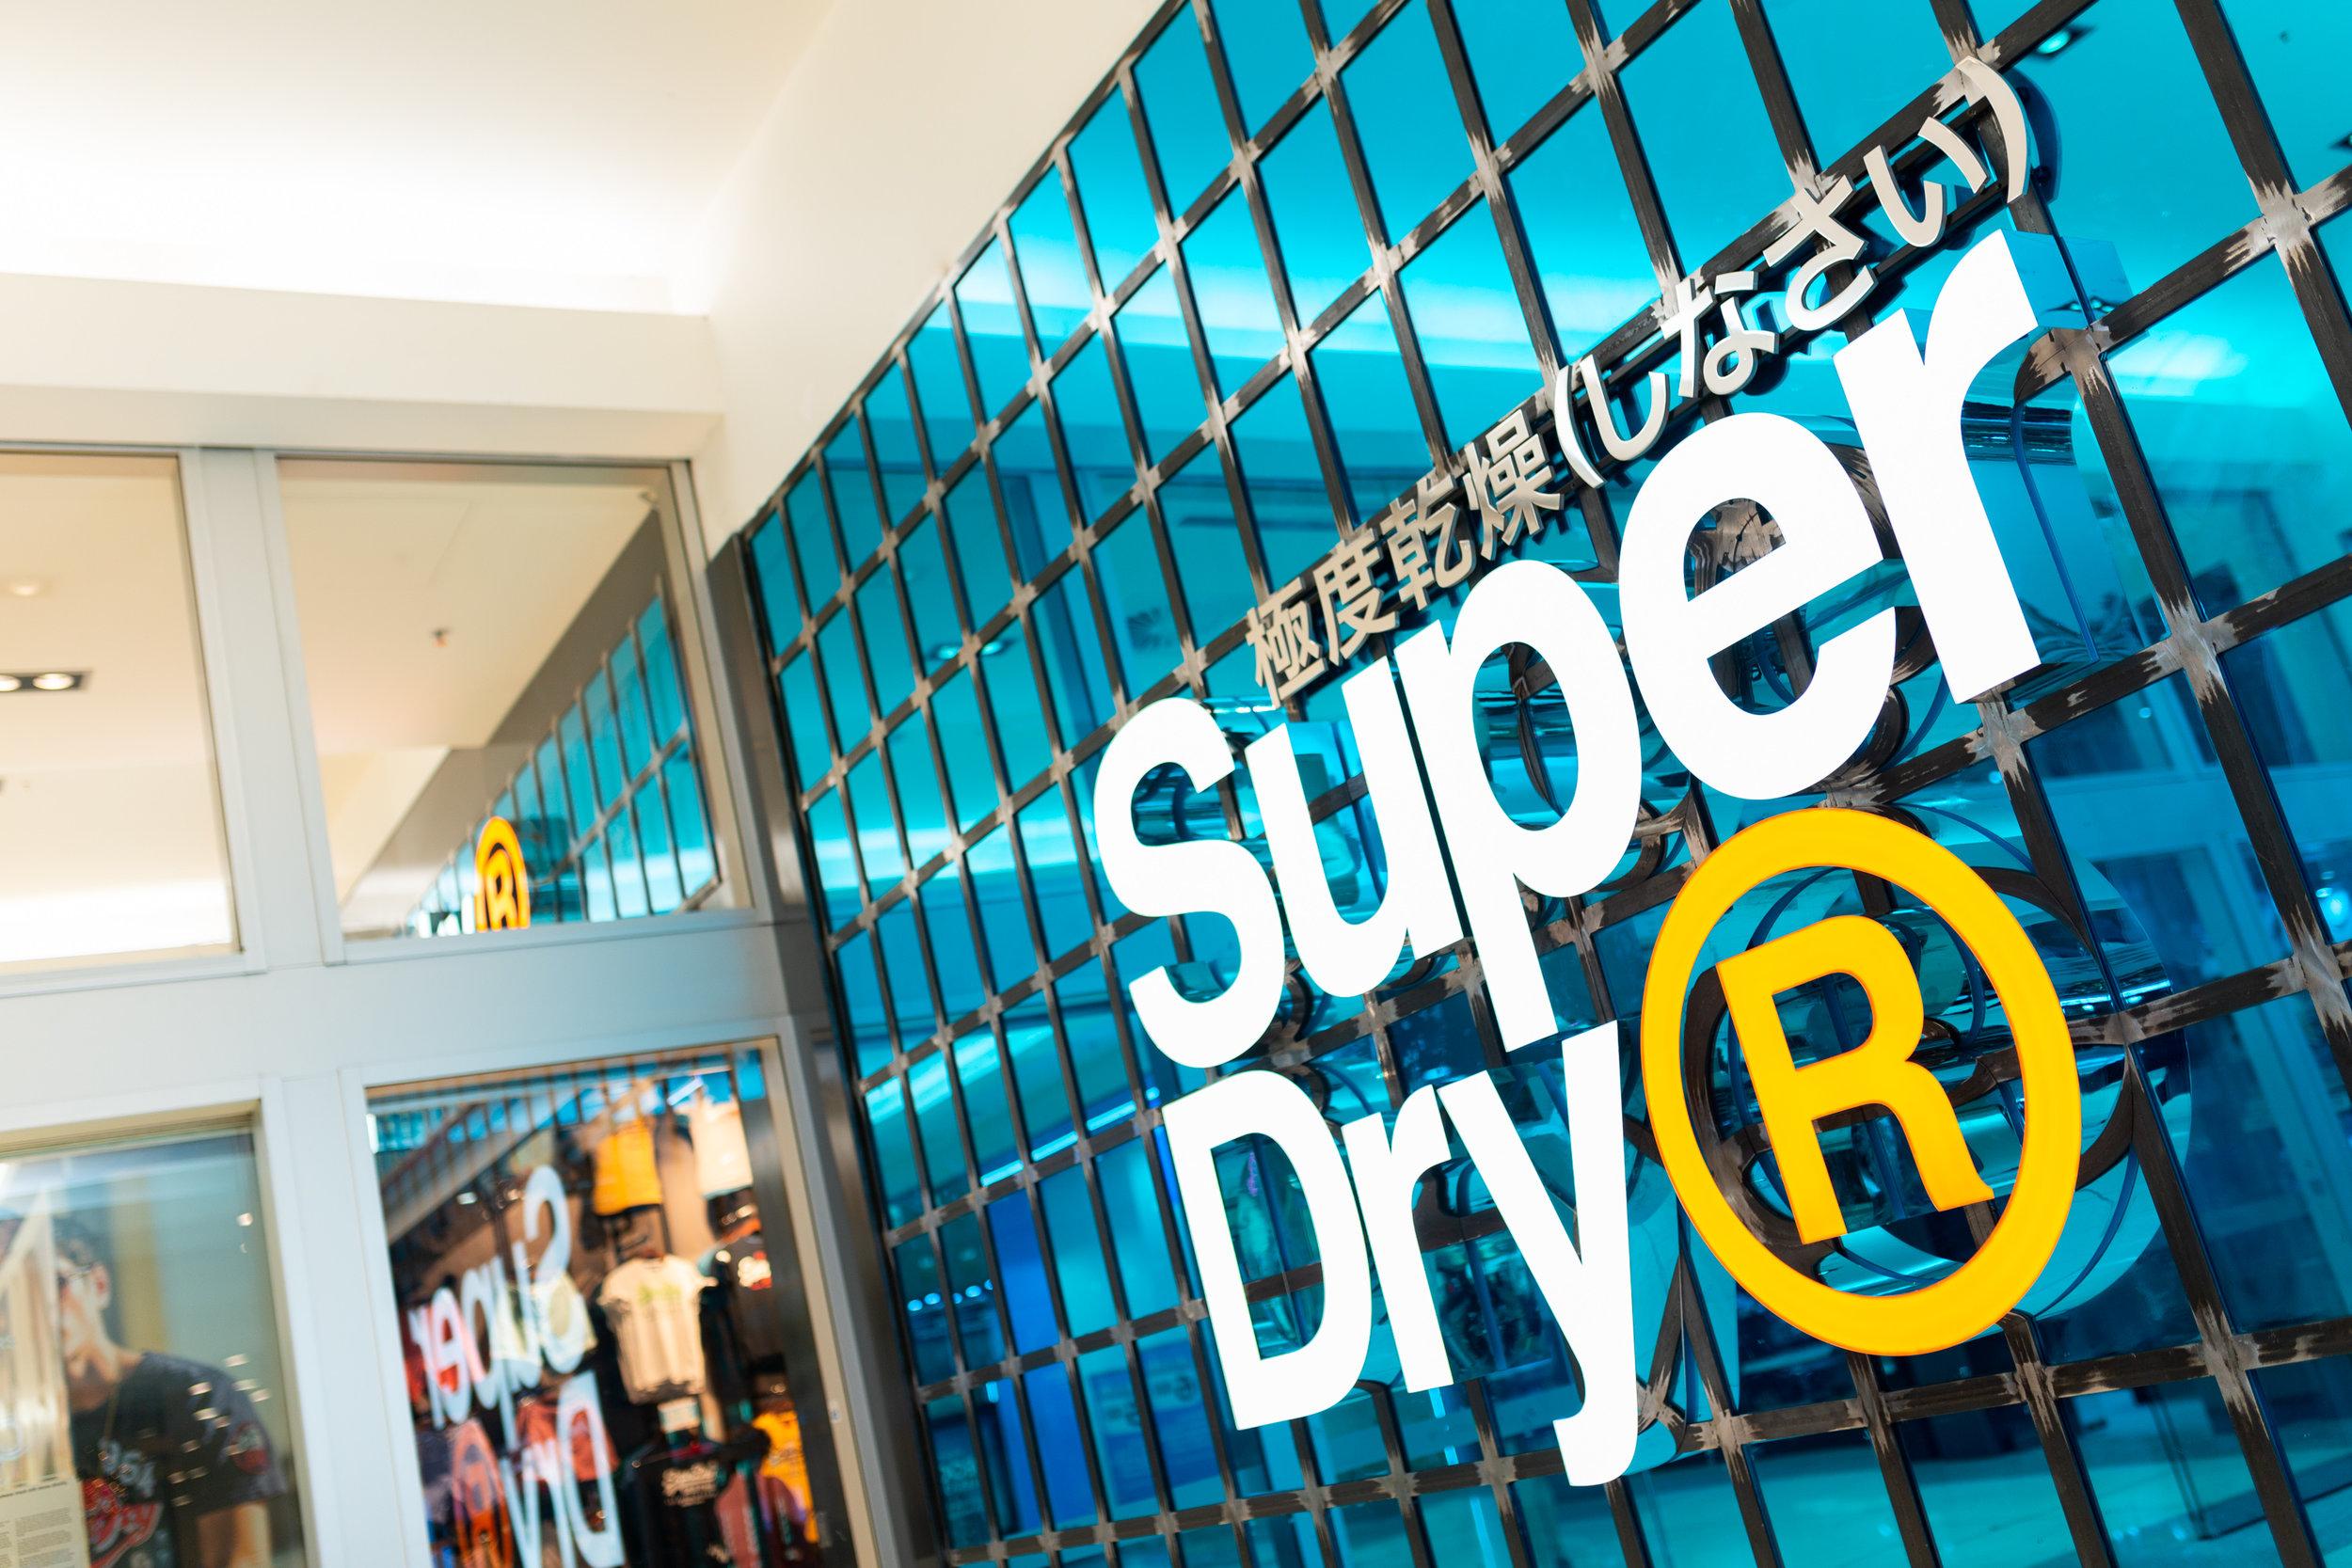 benyosef-superdryopening-92.jpg